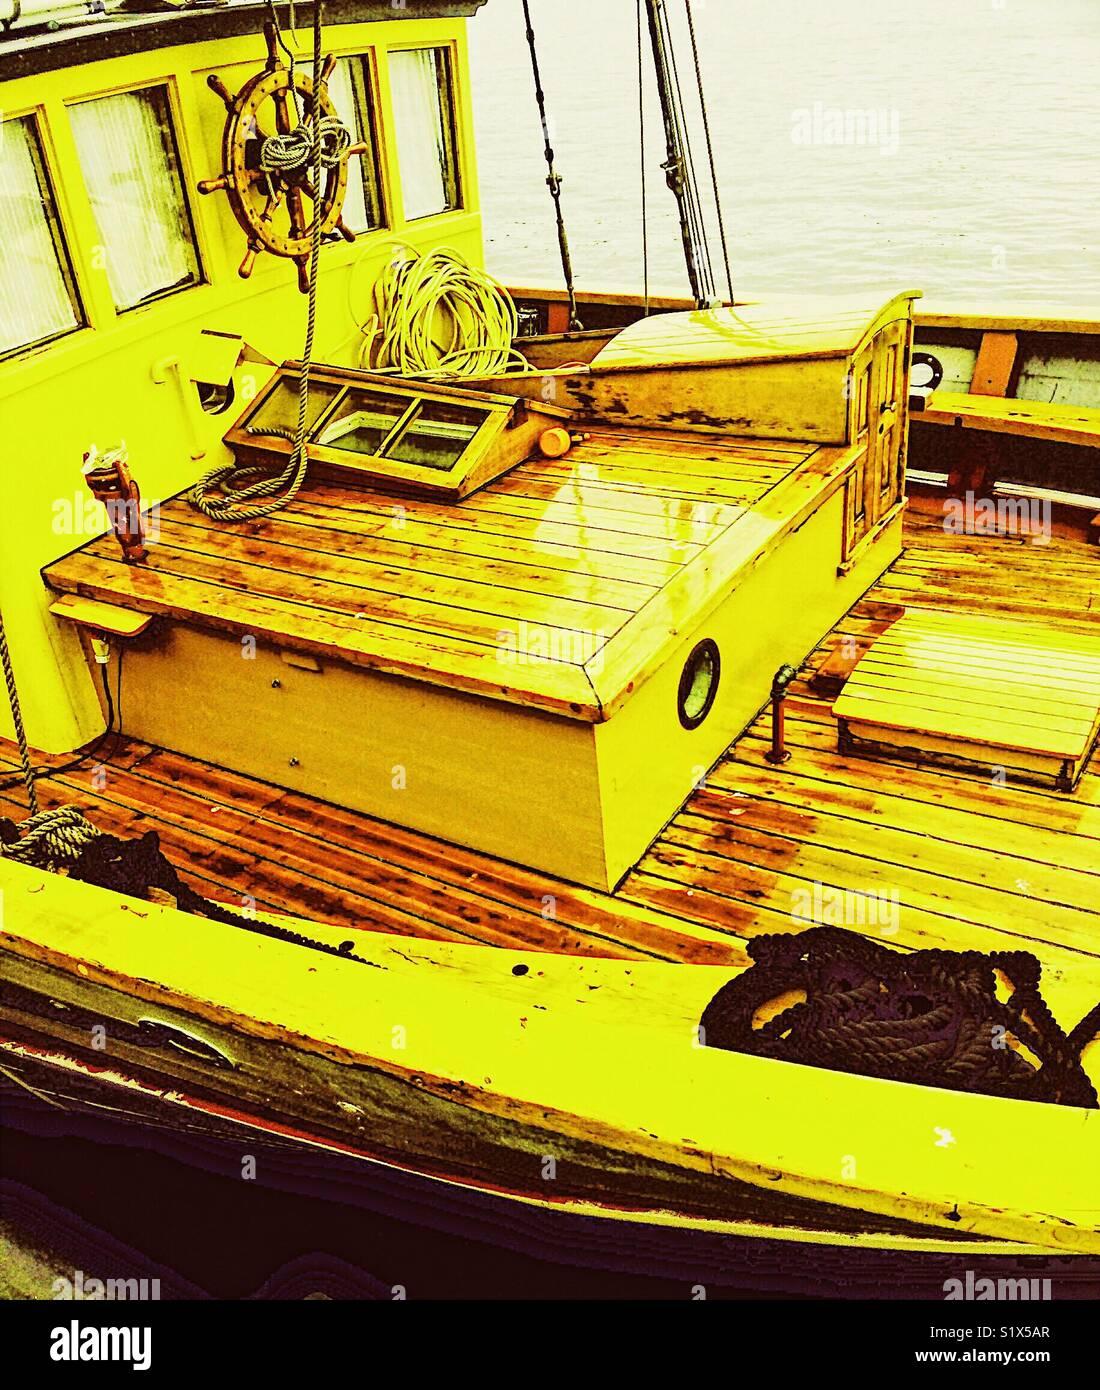 Buques de madera deck Imagen De Stock